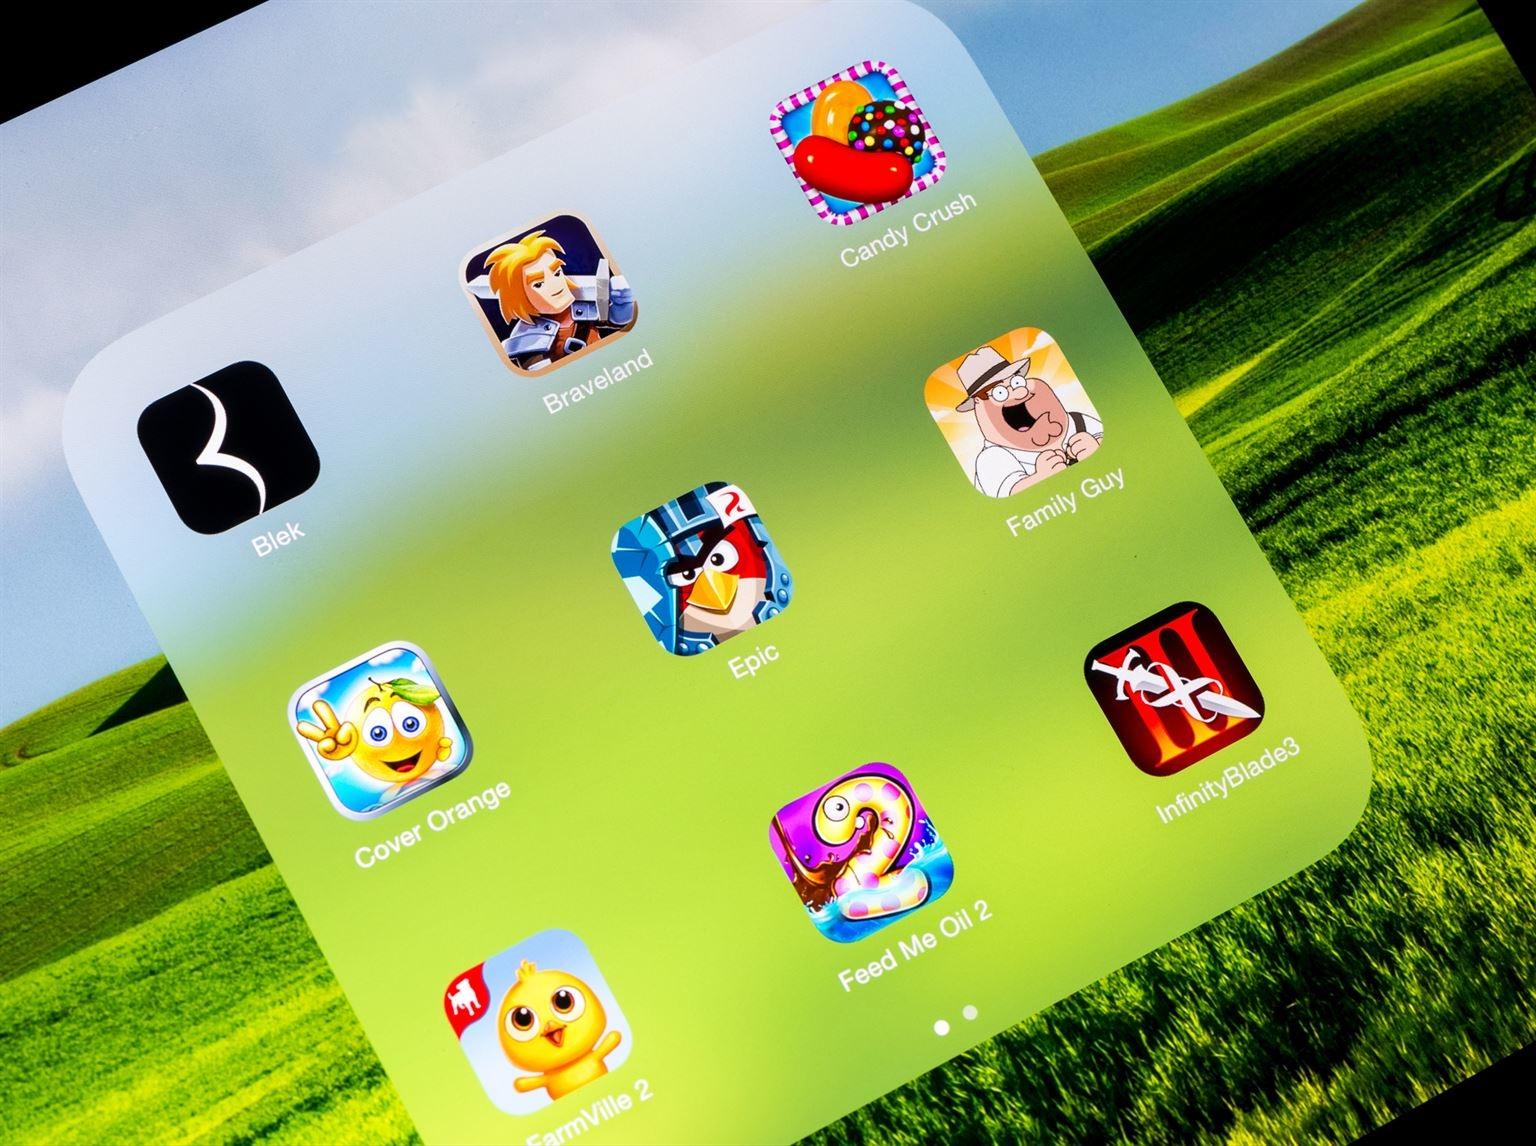 Jeux Sur Tablette: 64 Choix Pour Enfants | Protégez-Vous.ca concernant Tablette Jeux 4 Ans